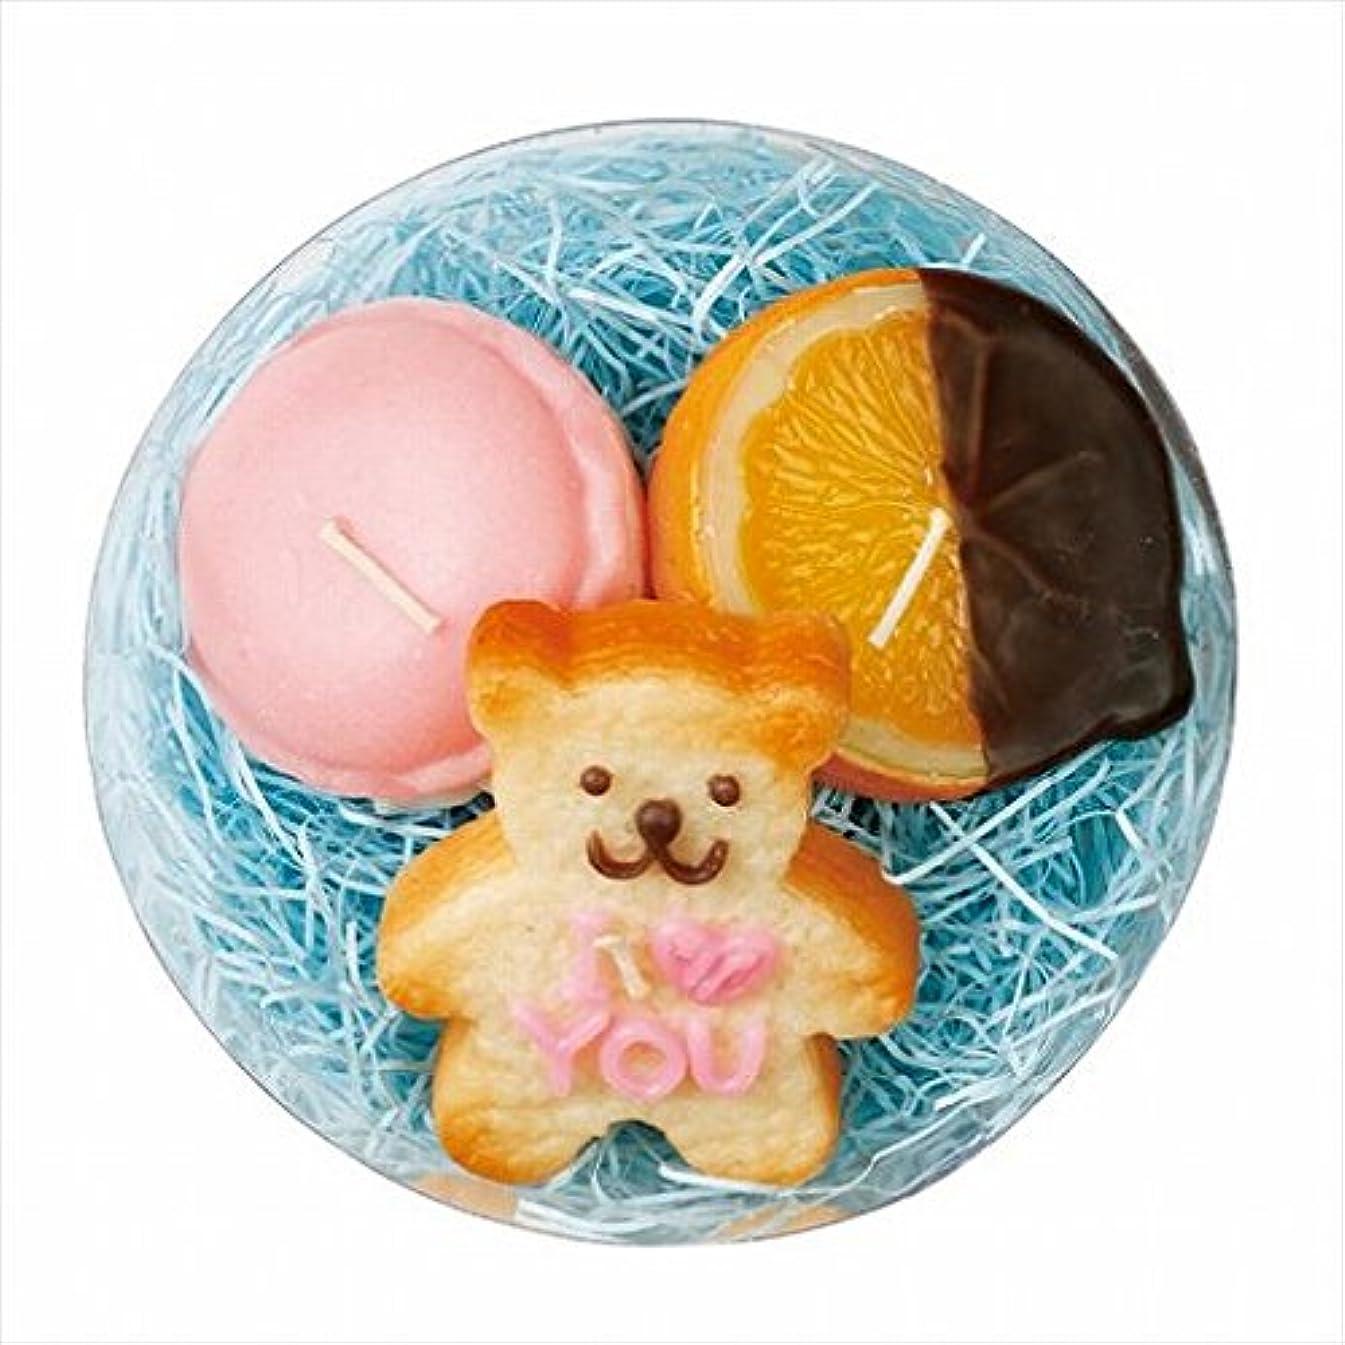 交流する宇宙飛行士簡略化するスイーツキャンドル(sweets candle) プチスイーツキャンドルセット 「 バニラベア 」